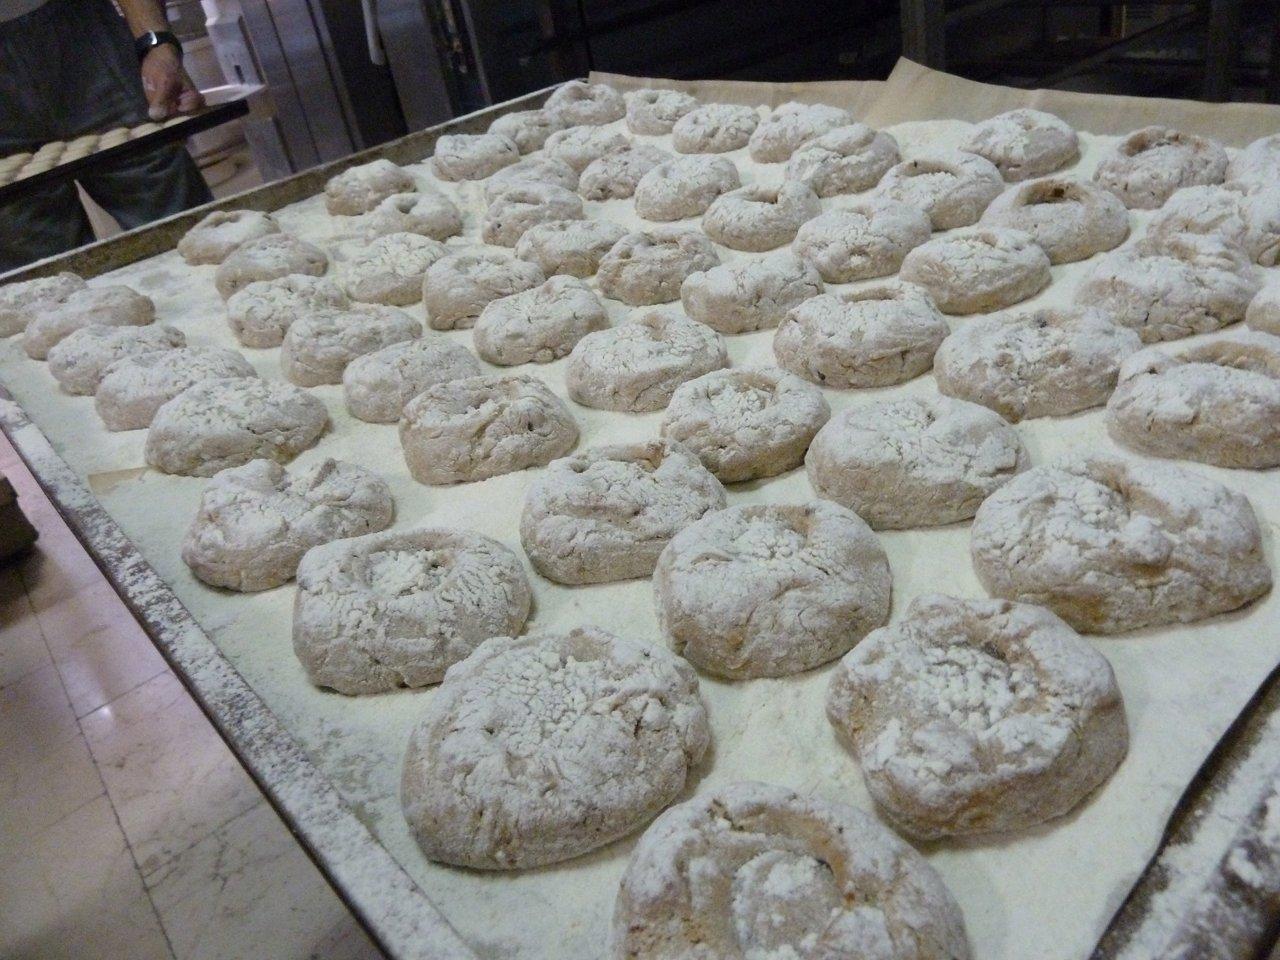 preparazione dolci artigianali